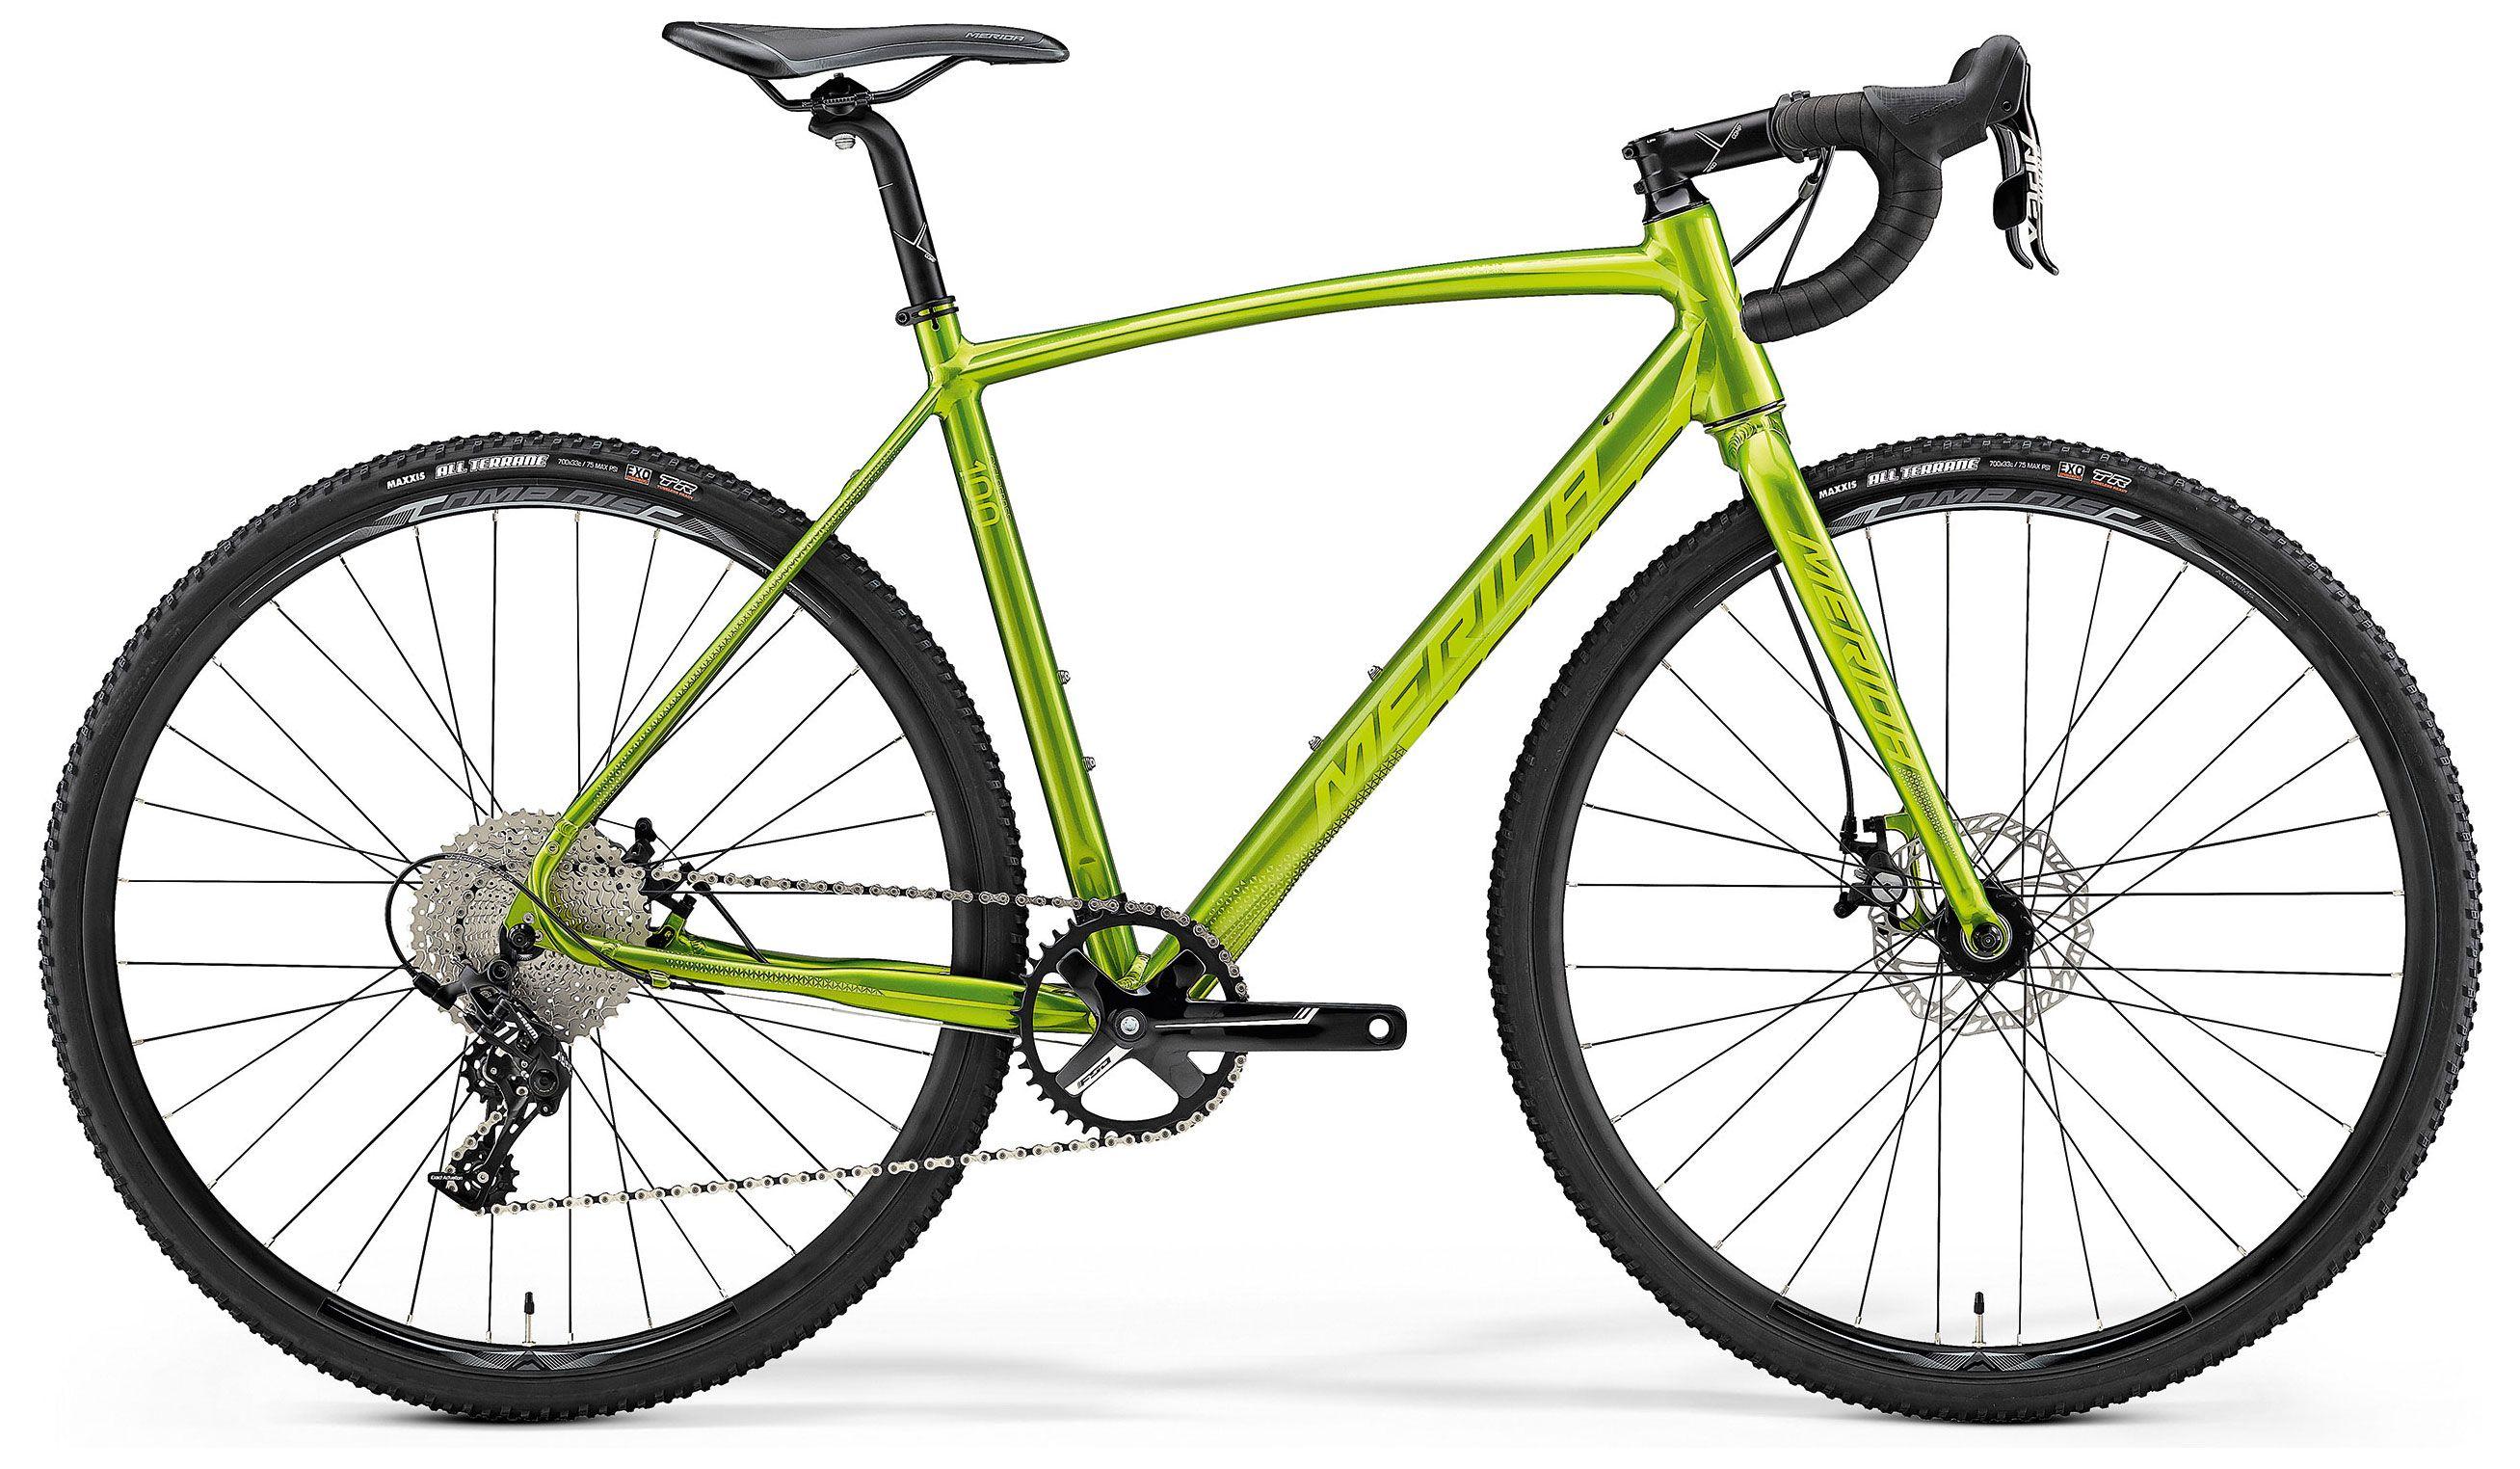 Велосипед Merida CycloСross 100 2018,  Шоссейные  - артикул:284877